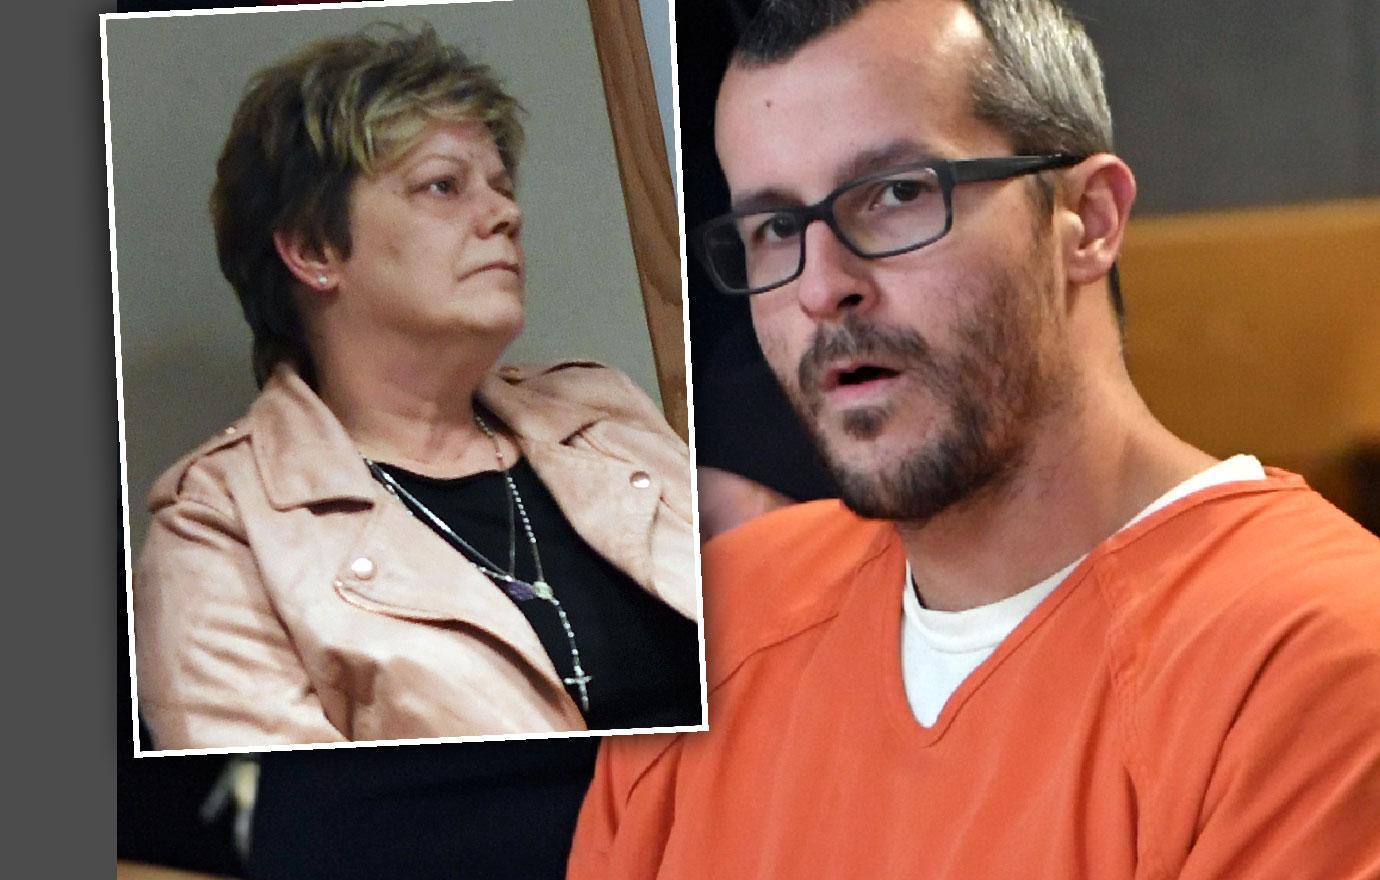 Chris Watt's Mother In Law Suspected Him Of Murder